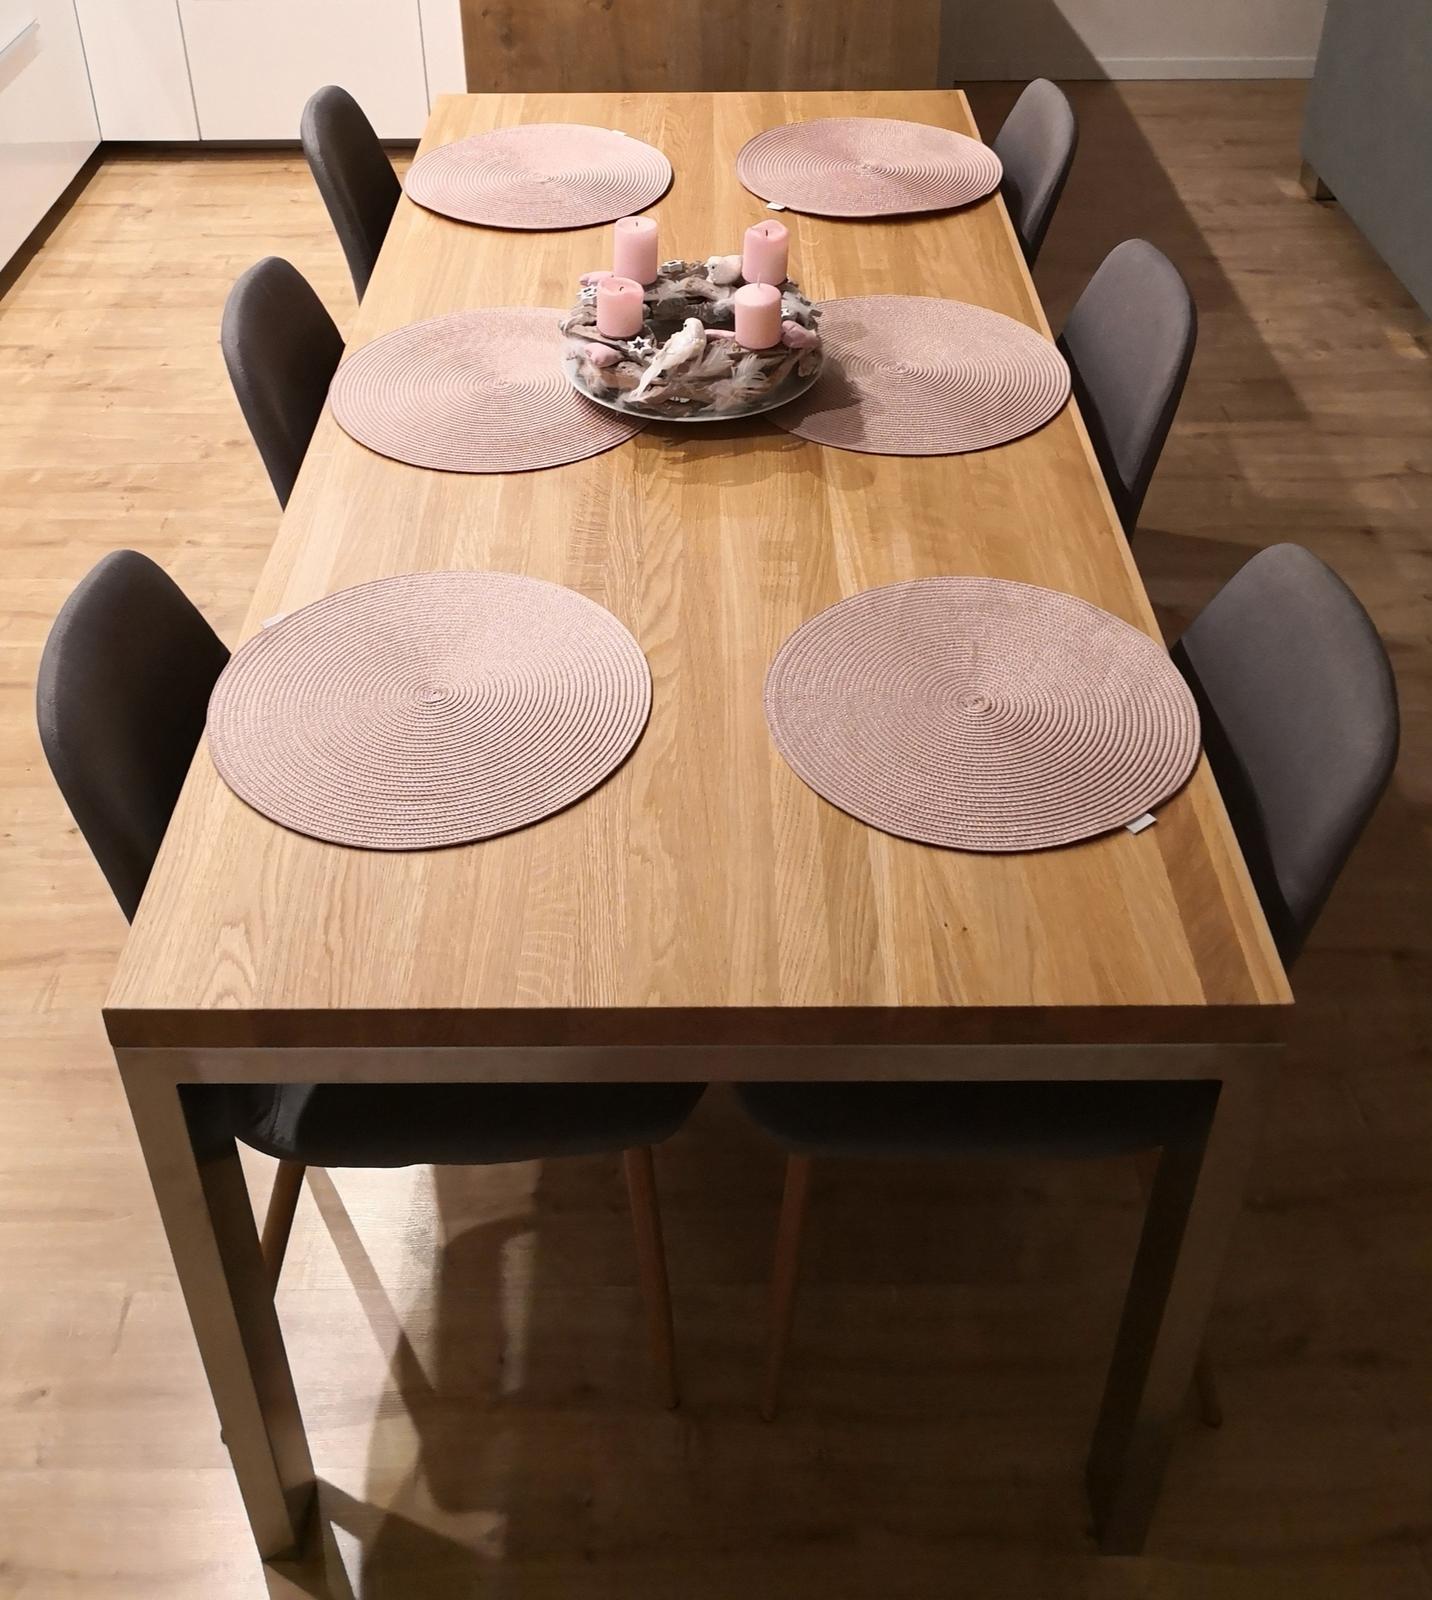 InTeRiEr -  ExTeRiEr - Novy stol - Dubovy masiv pre 6 osob 84x188cm. Podnoze-kartacovana nerez.